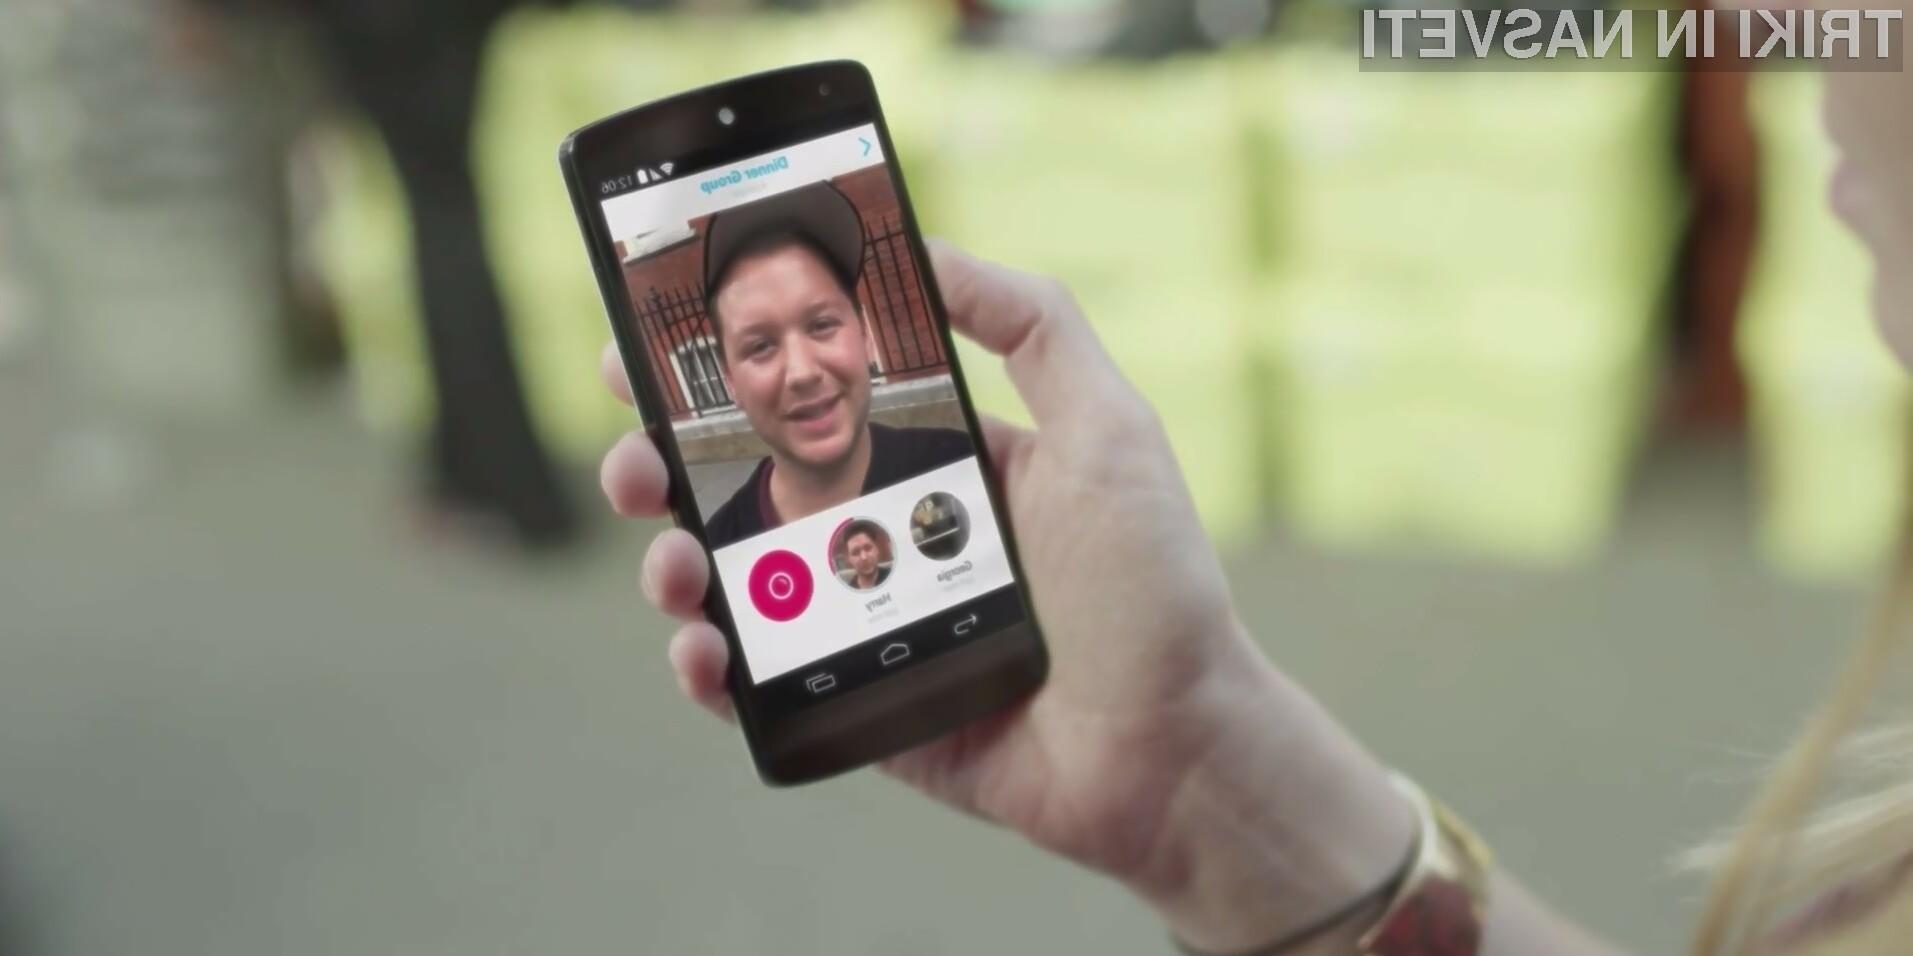 Storitev Qik je kot nalašč za hitro deljenje kratkih videoposnetkov s prijatelji in znanci!